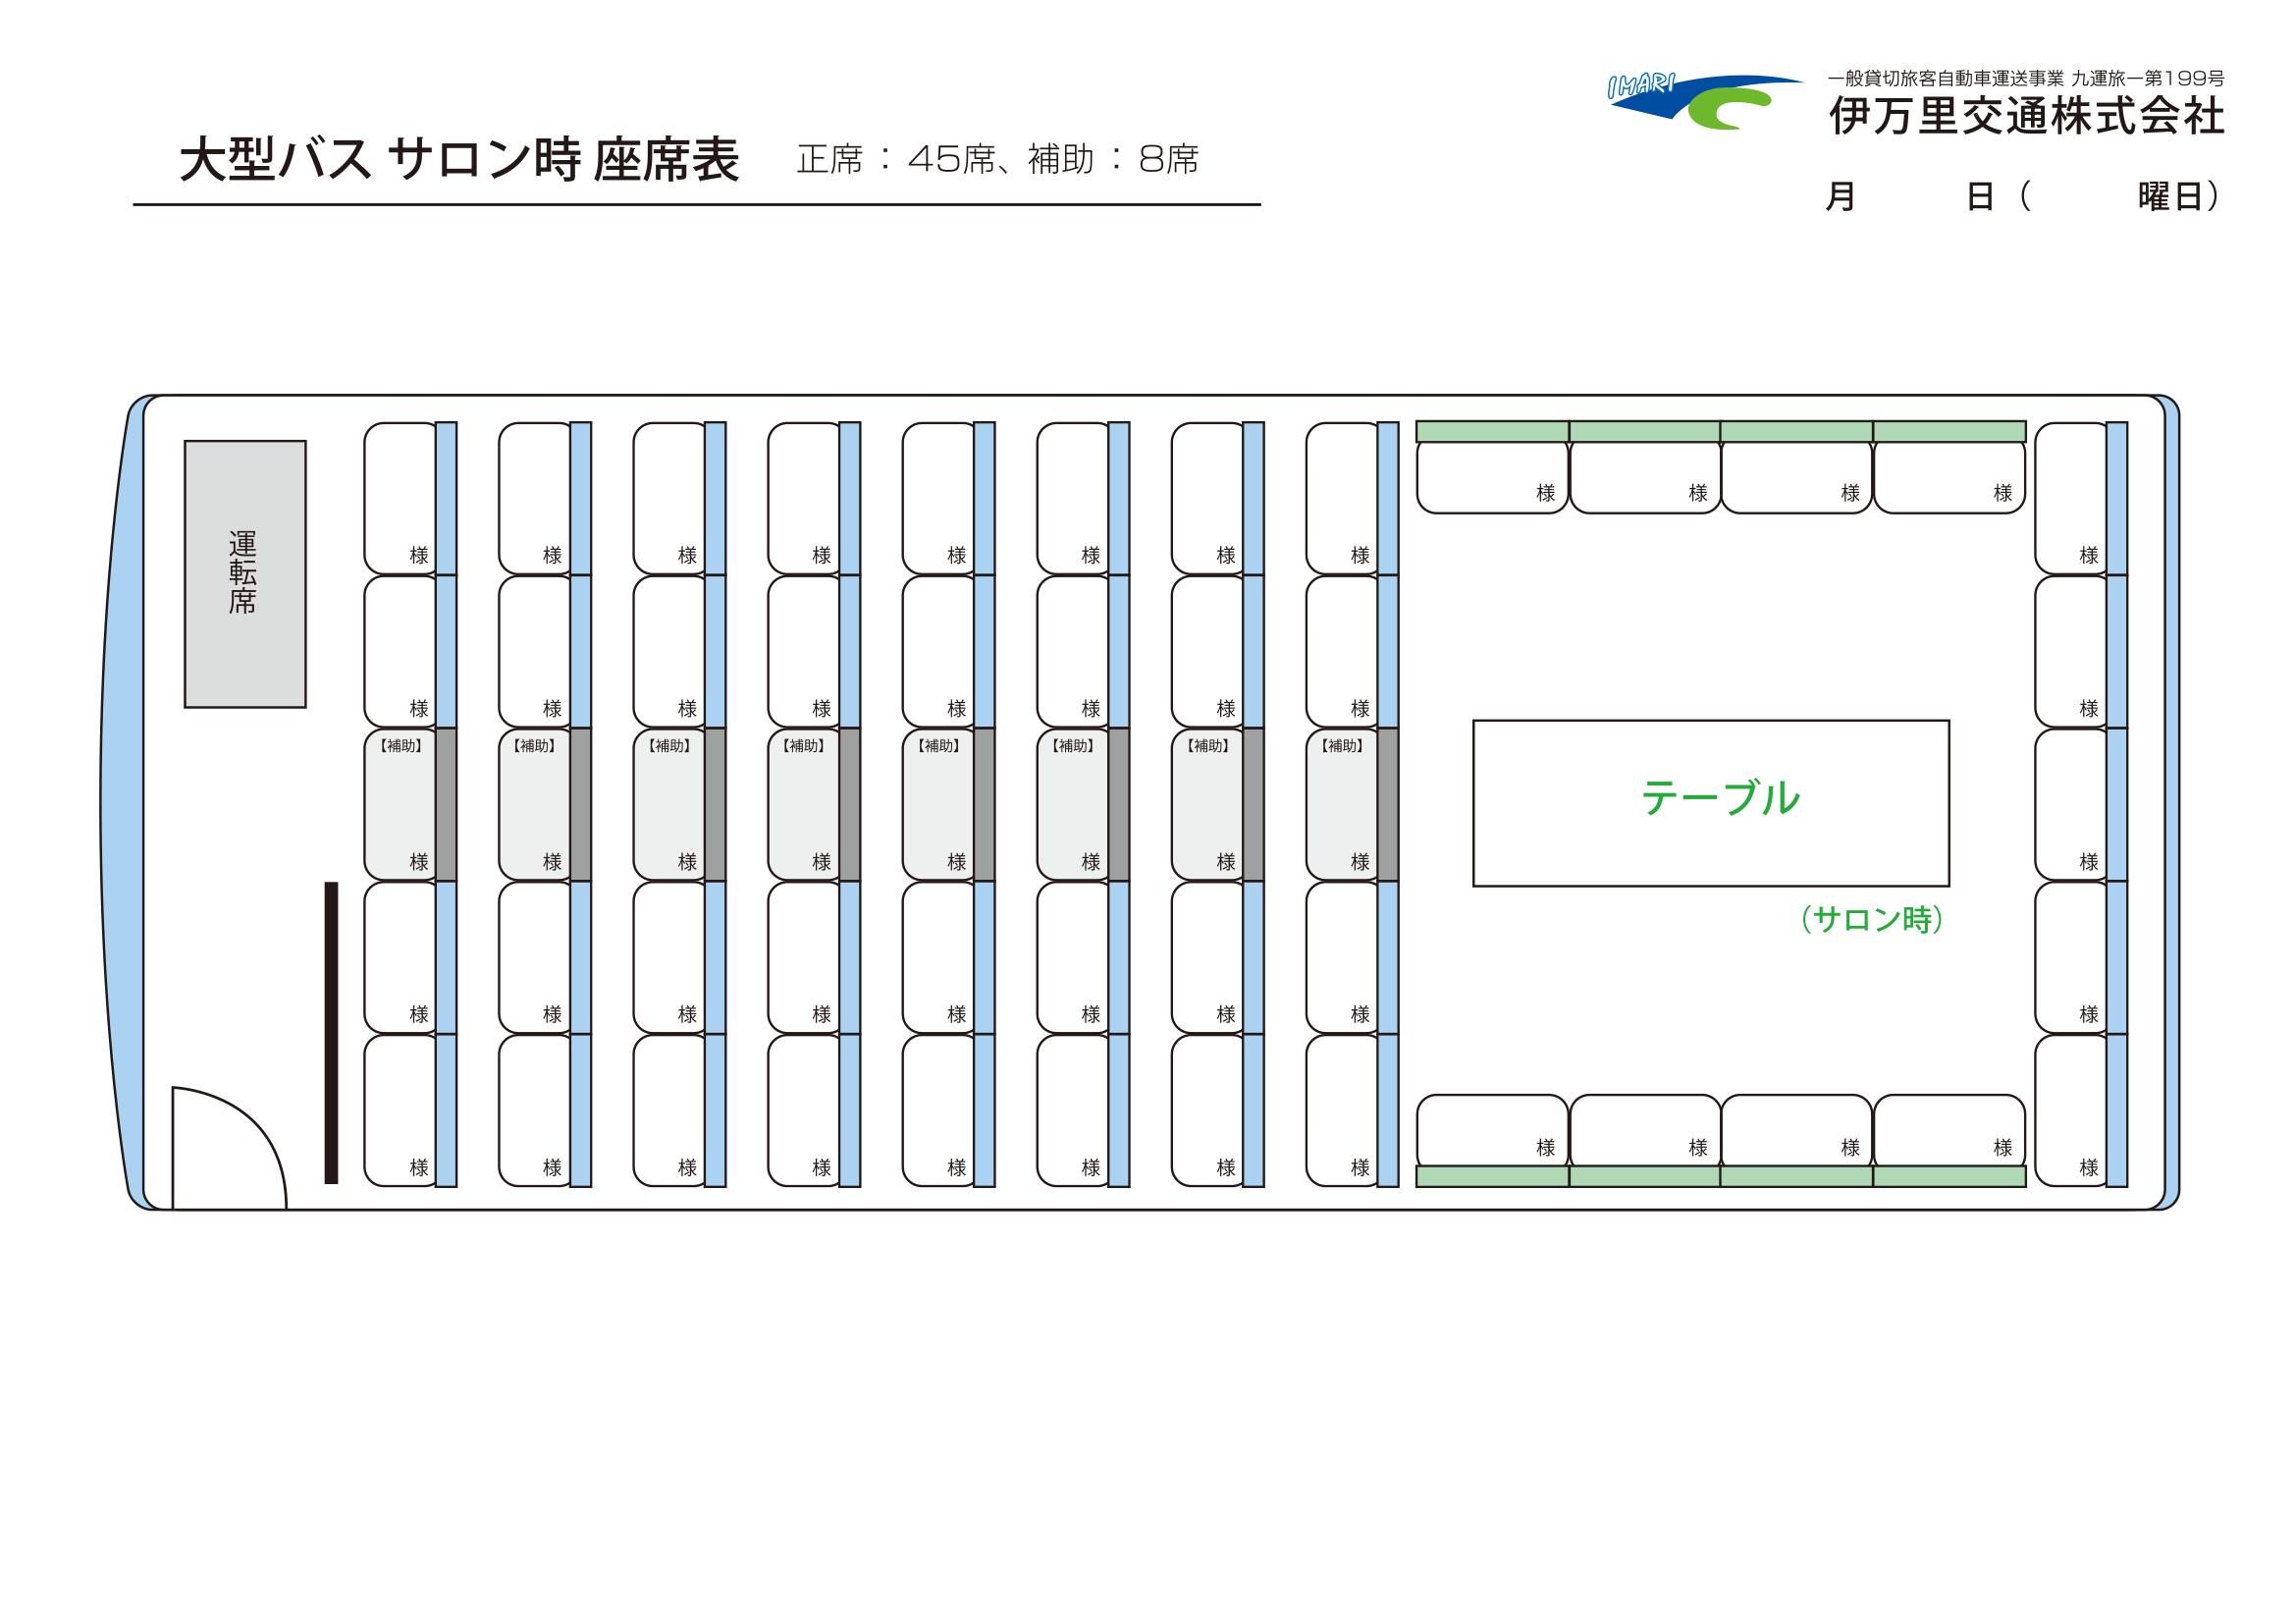 大型バス座席表サロン